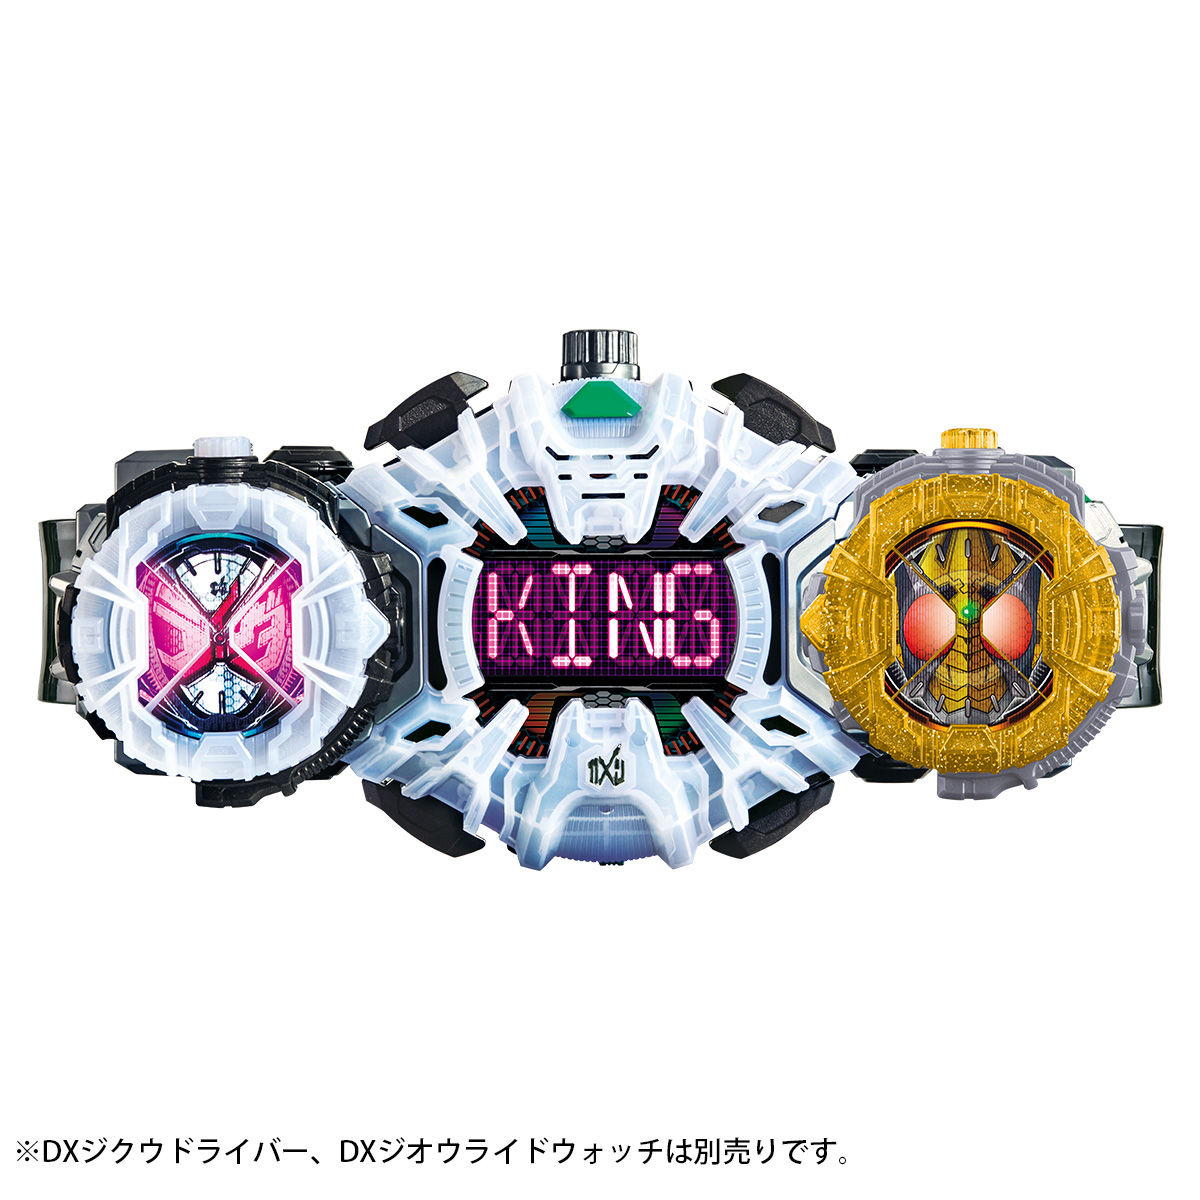 仮面ライダージオウ『DXライドウォッチセットVOL.2』変身なりきり-008